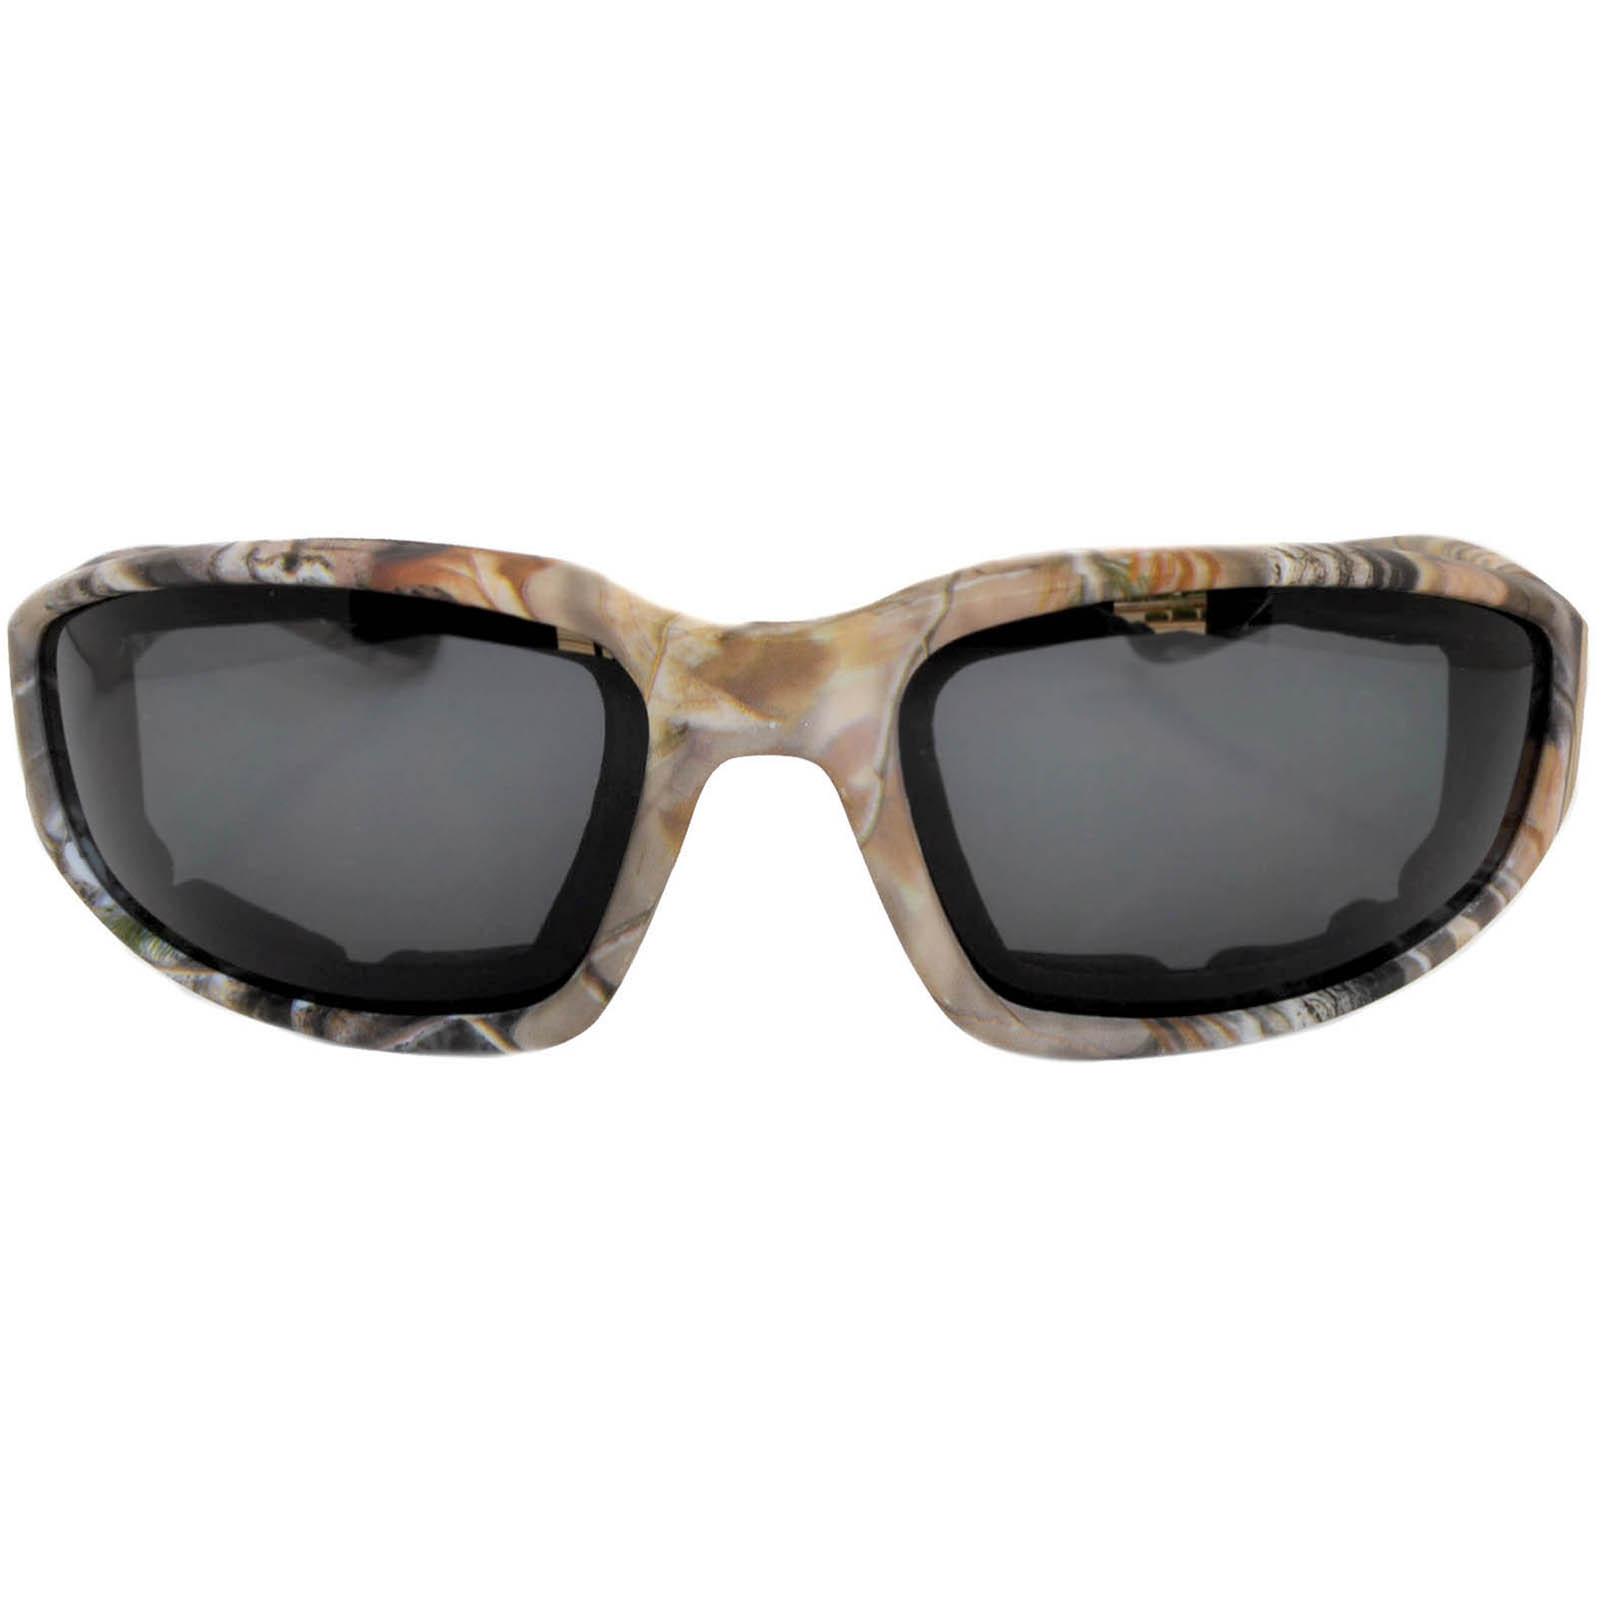 OWL Eyewear Motorcycle Padded Glasses Camo#2 Frame Smoke Polarized ...